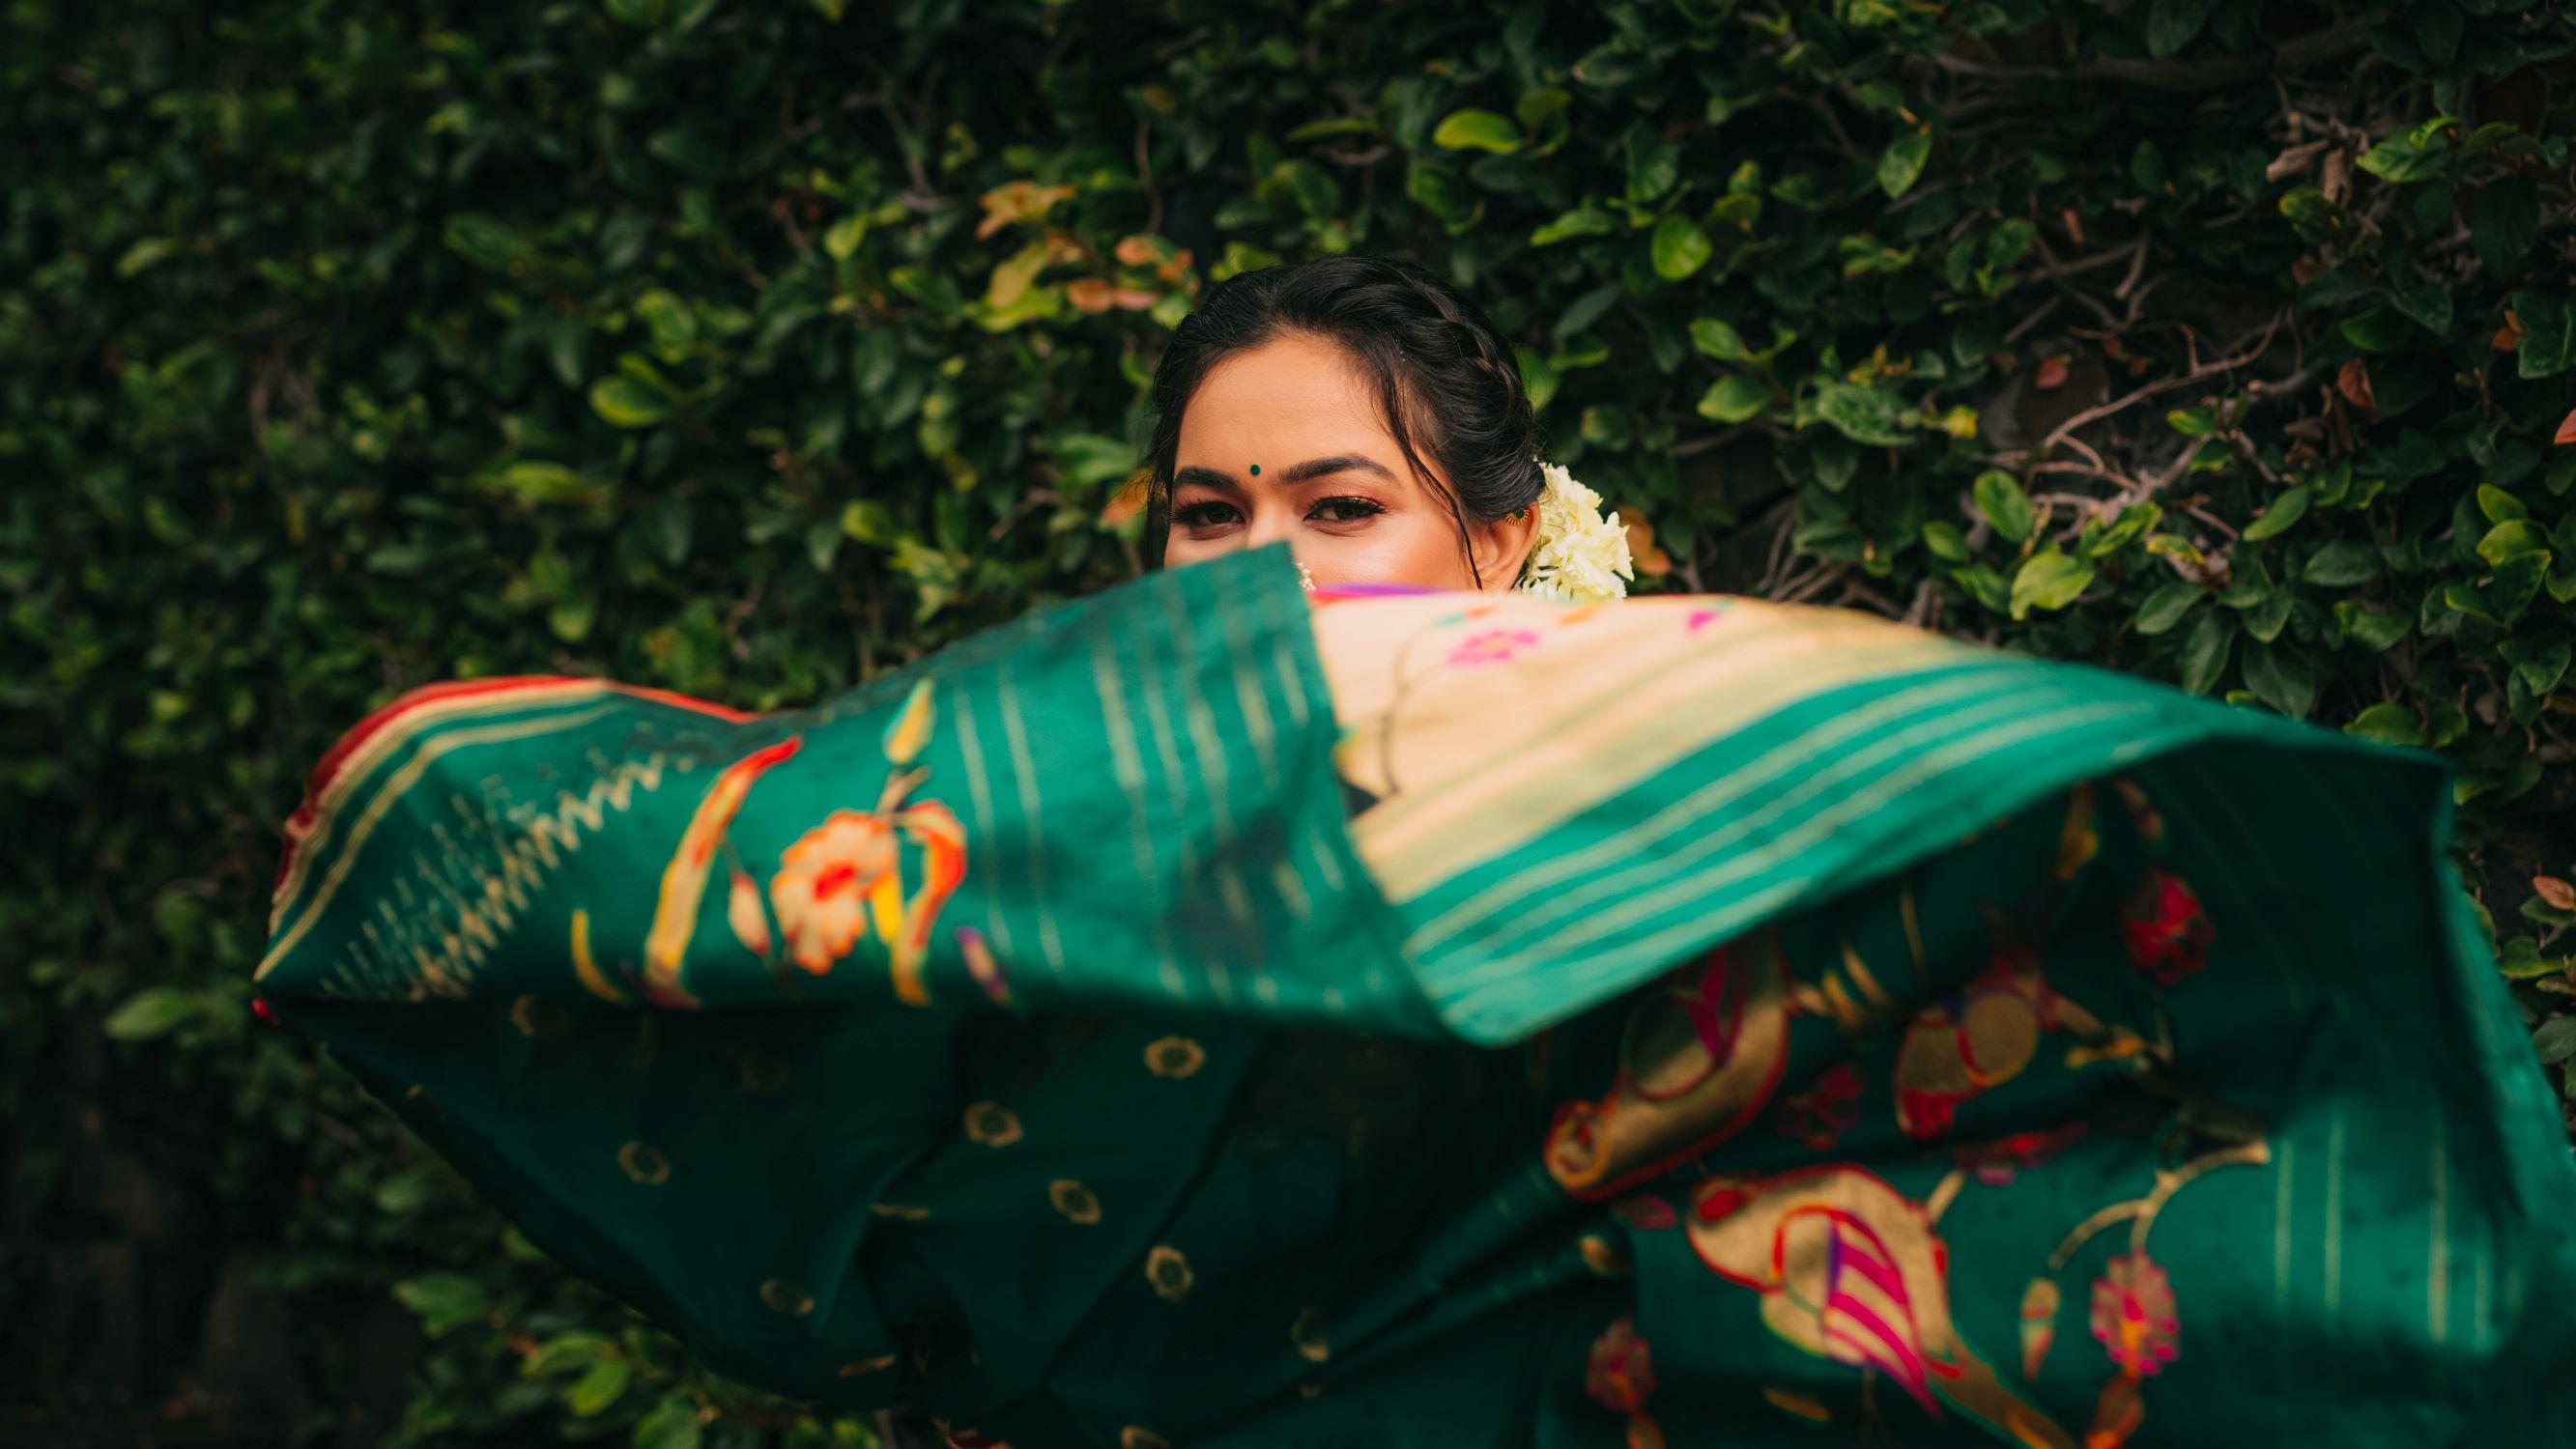 maharashtrian bride poses with her green saree